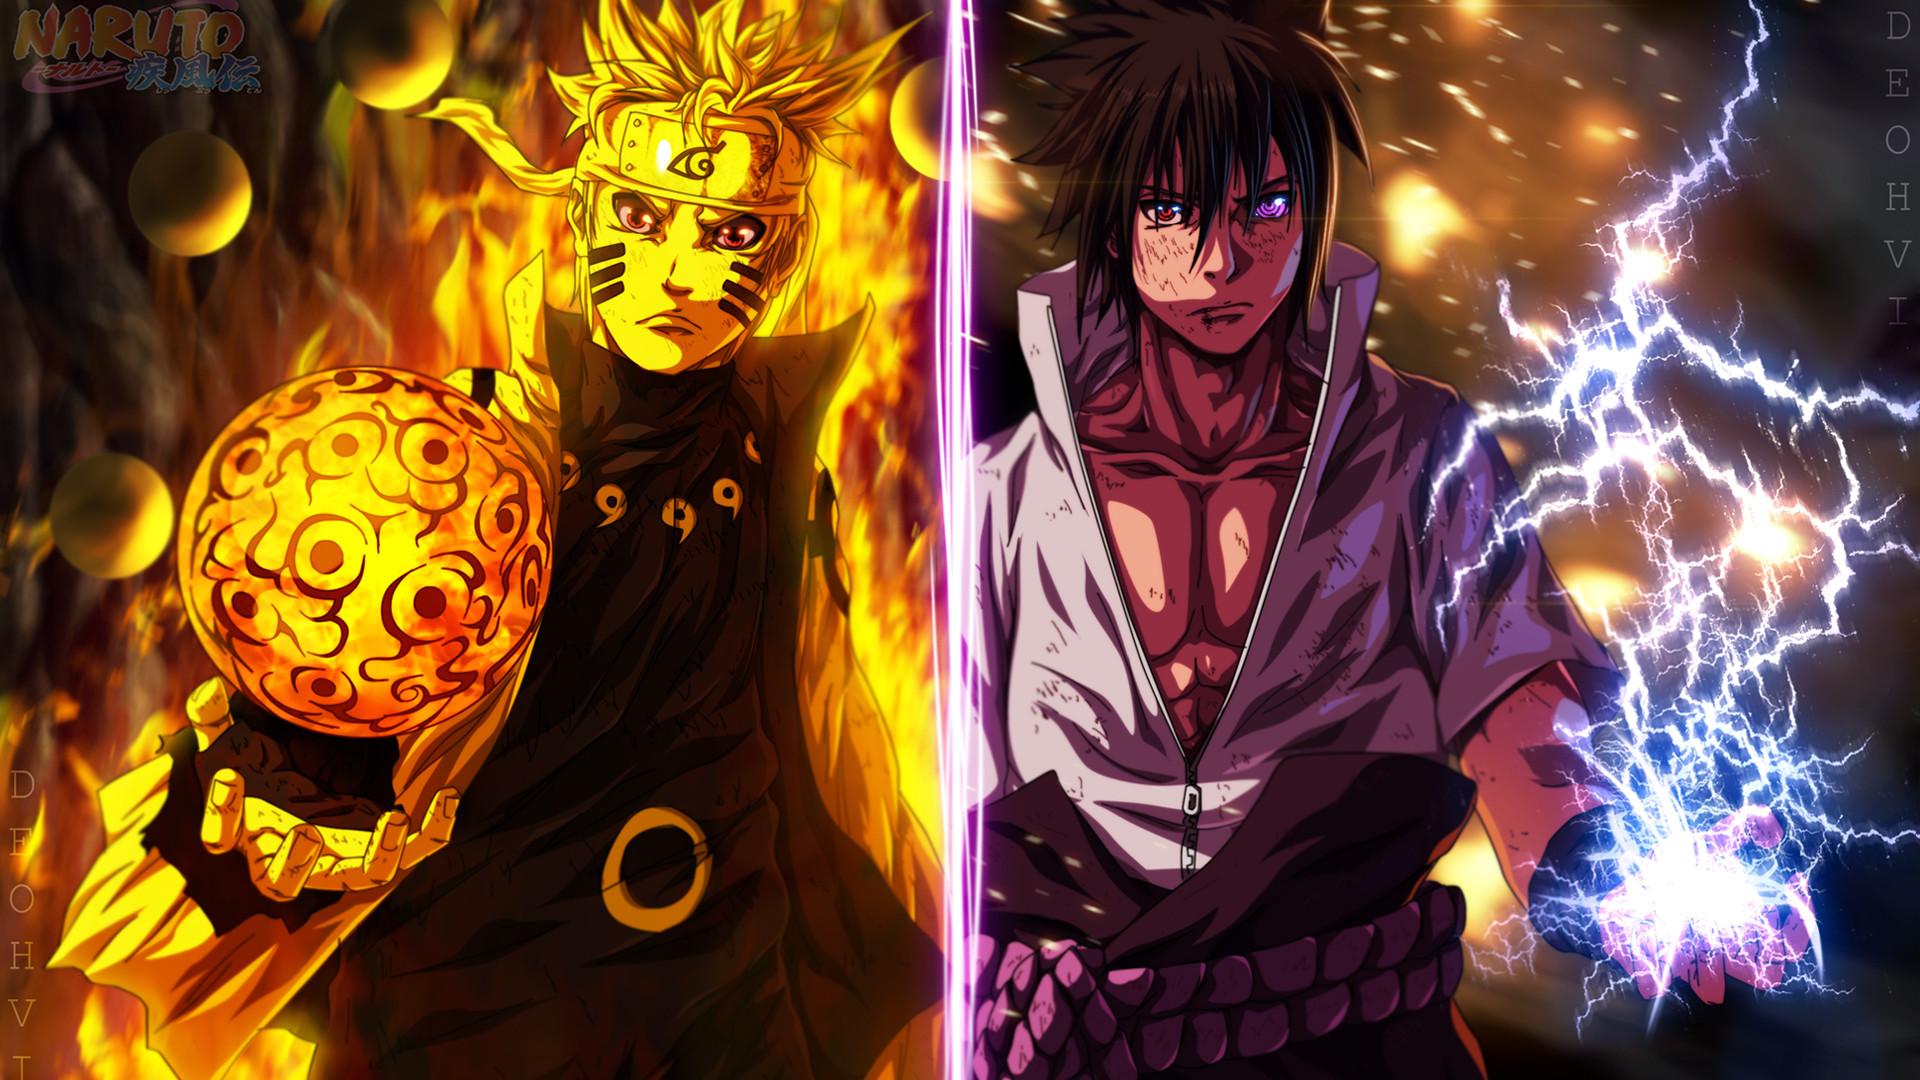 and uchiha sasuke raikiri chidori anime. hd 1080p wallpaper .